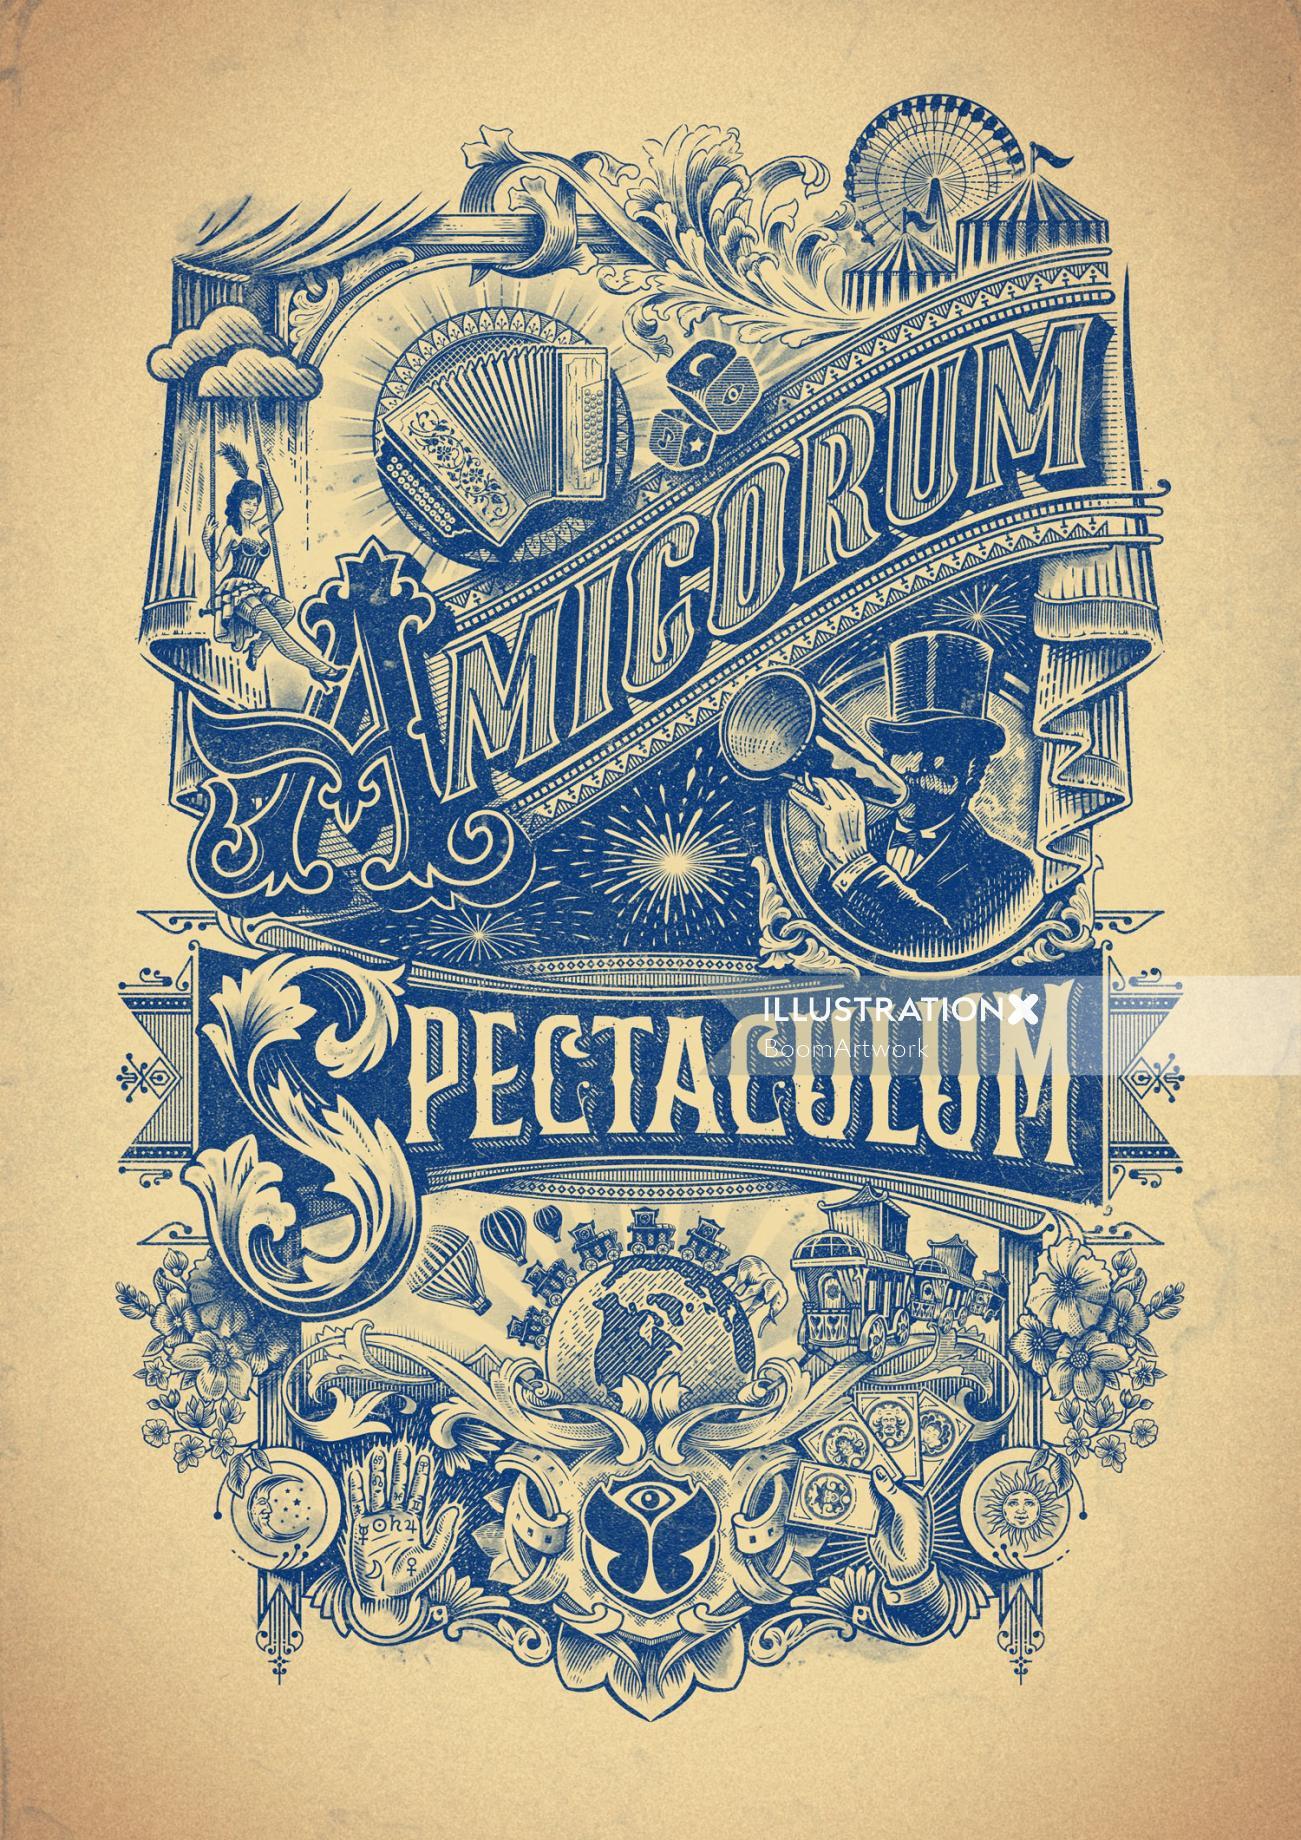 Tomorrowland Amicorum Spectaculum Poster